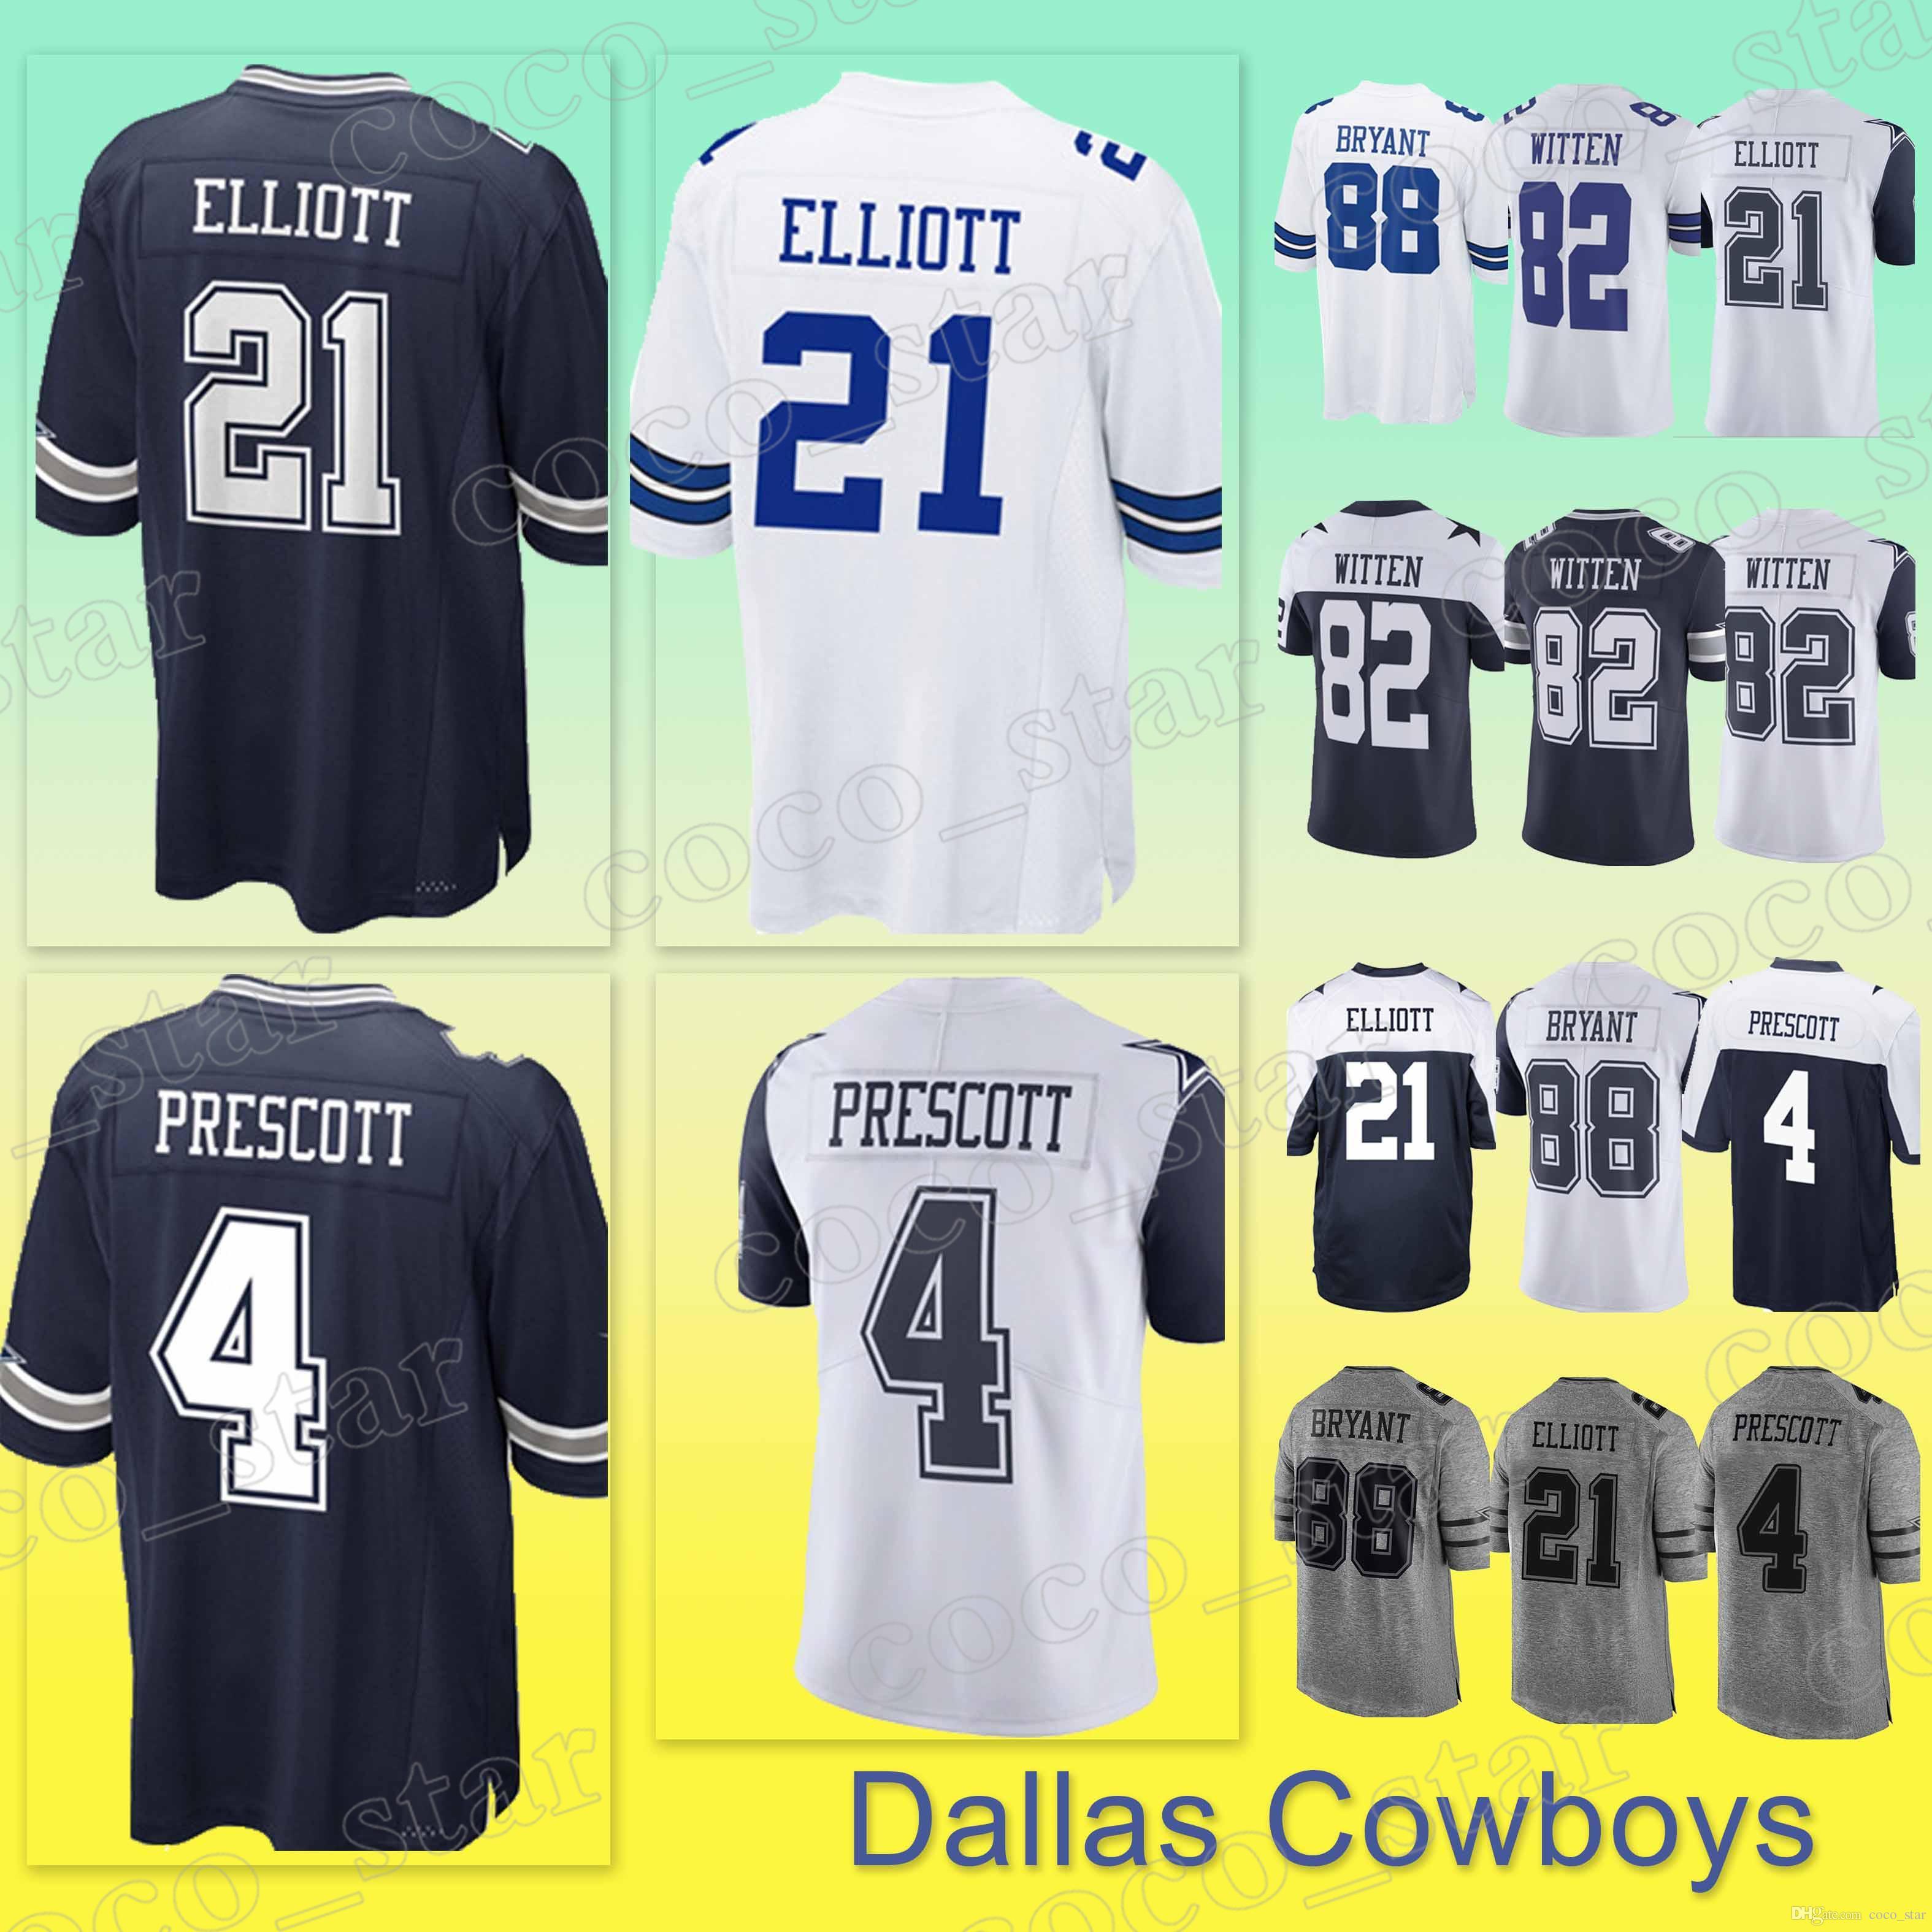 2bf7e82bad5 ... best price dallas cowboys jersey 21 ezekiel elliott 4 dak prescott 55  leighton vander esch 88